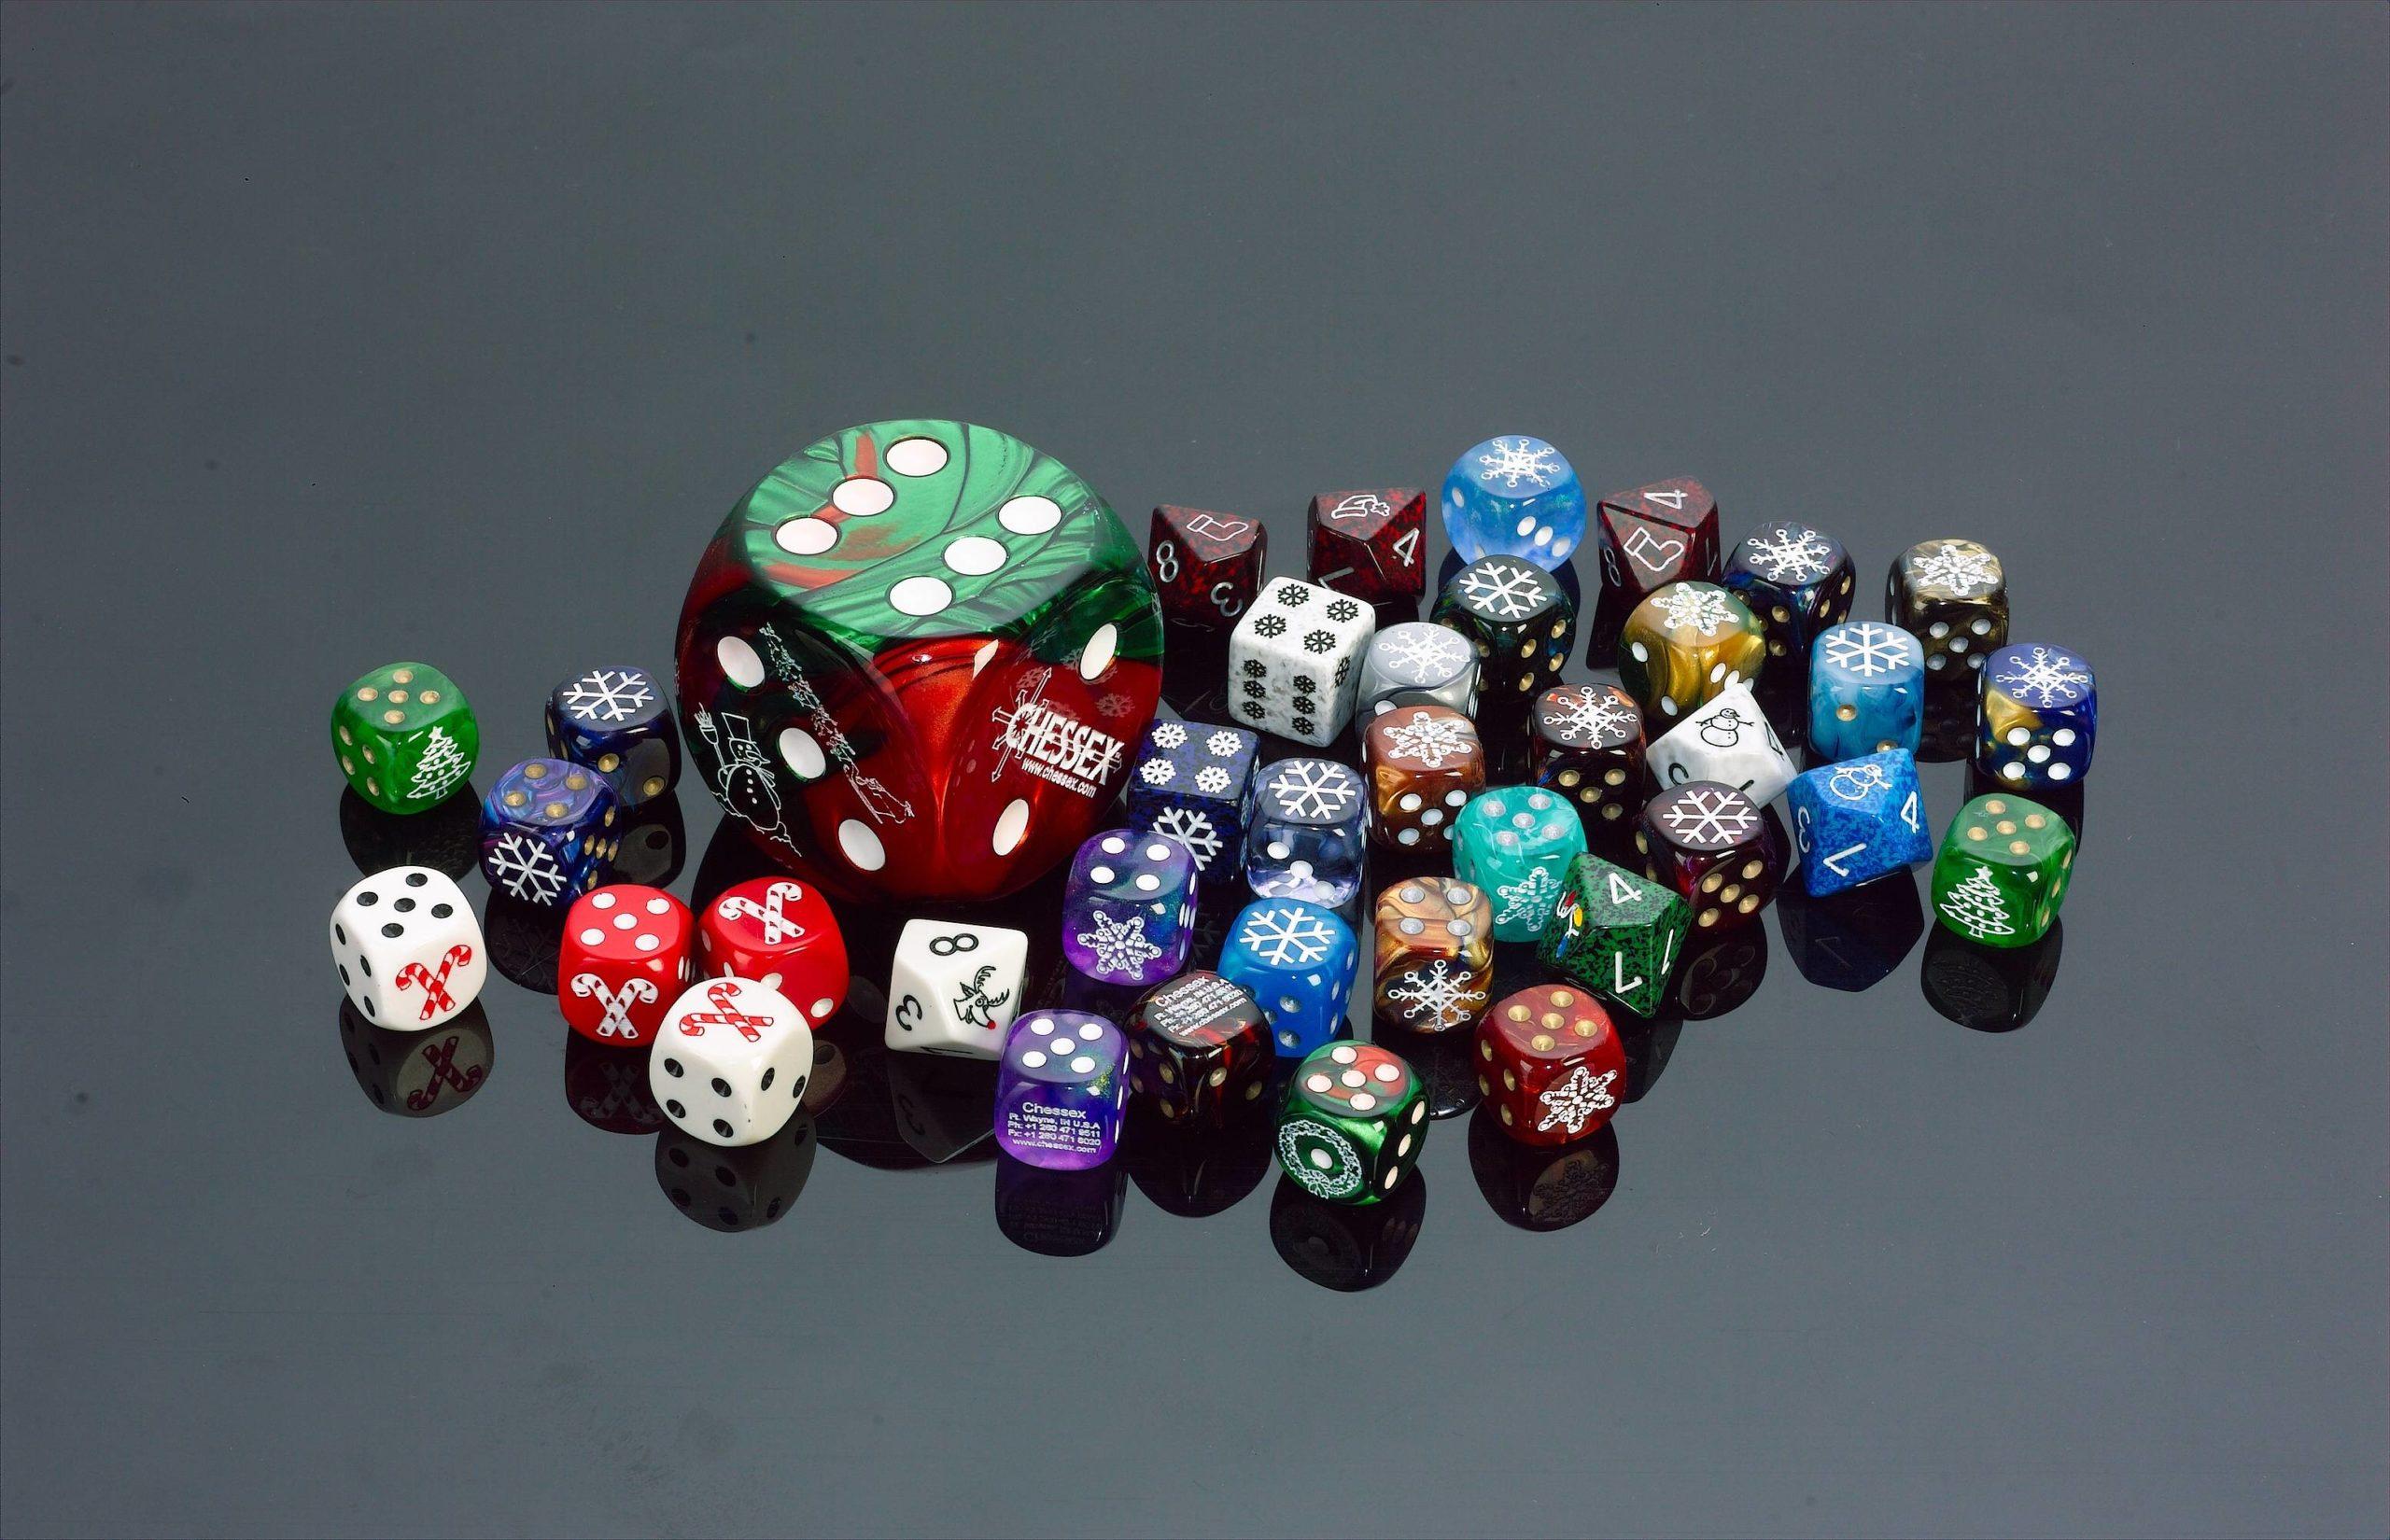 dice wallpaper 4k free download